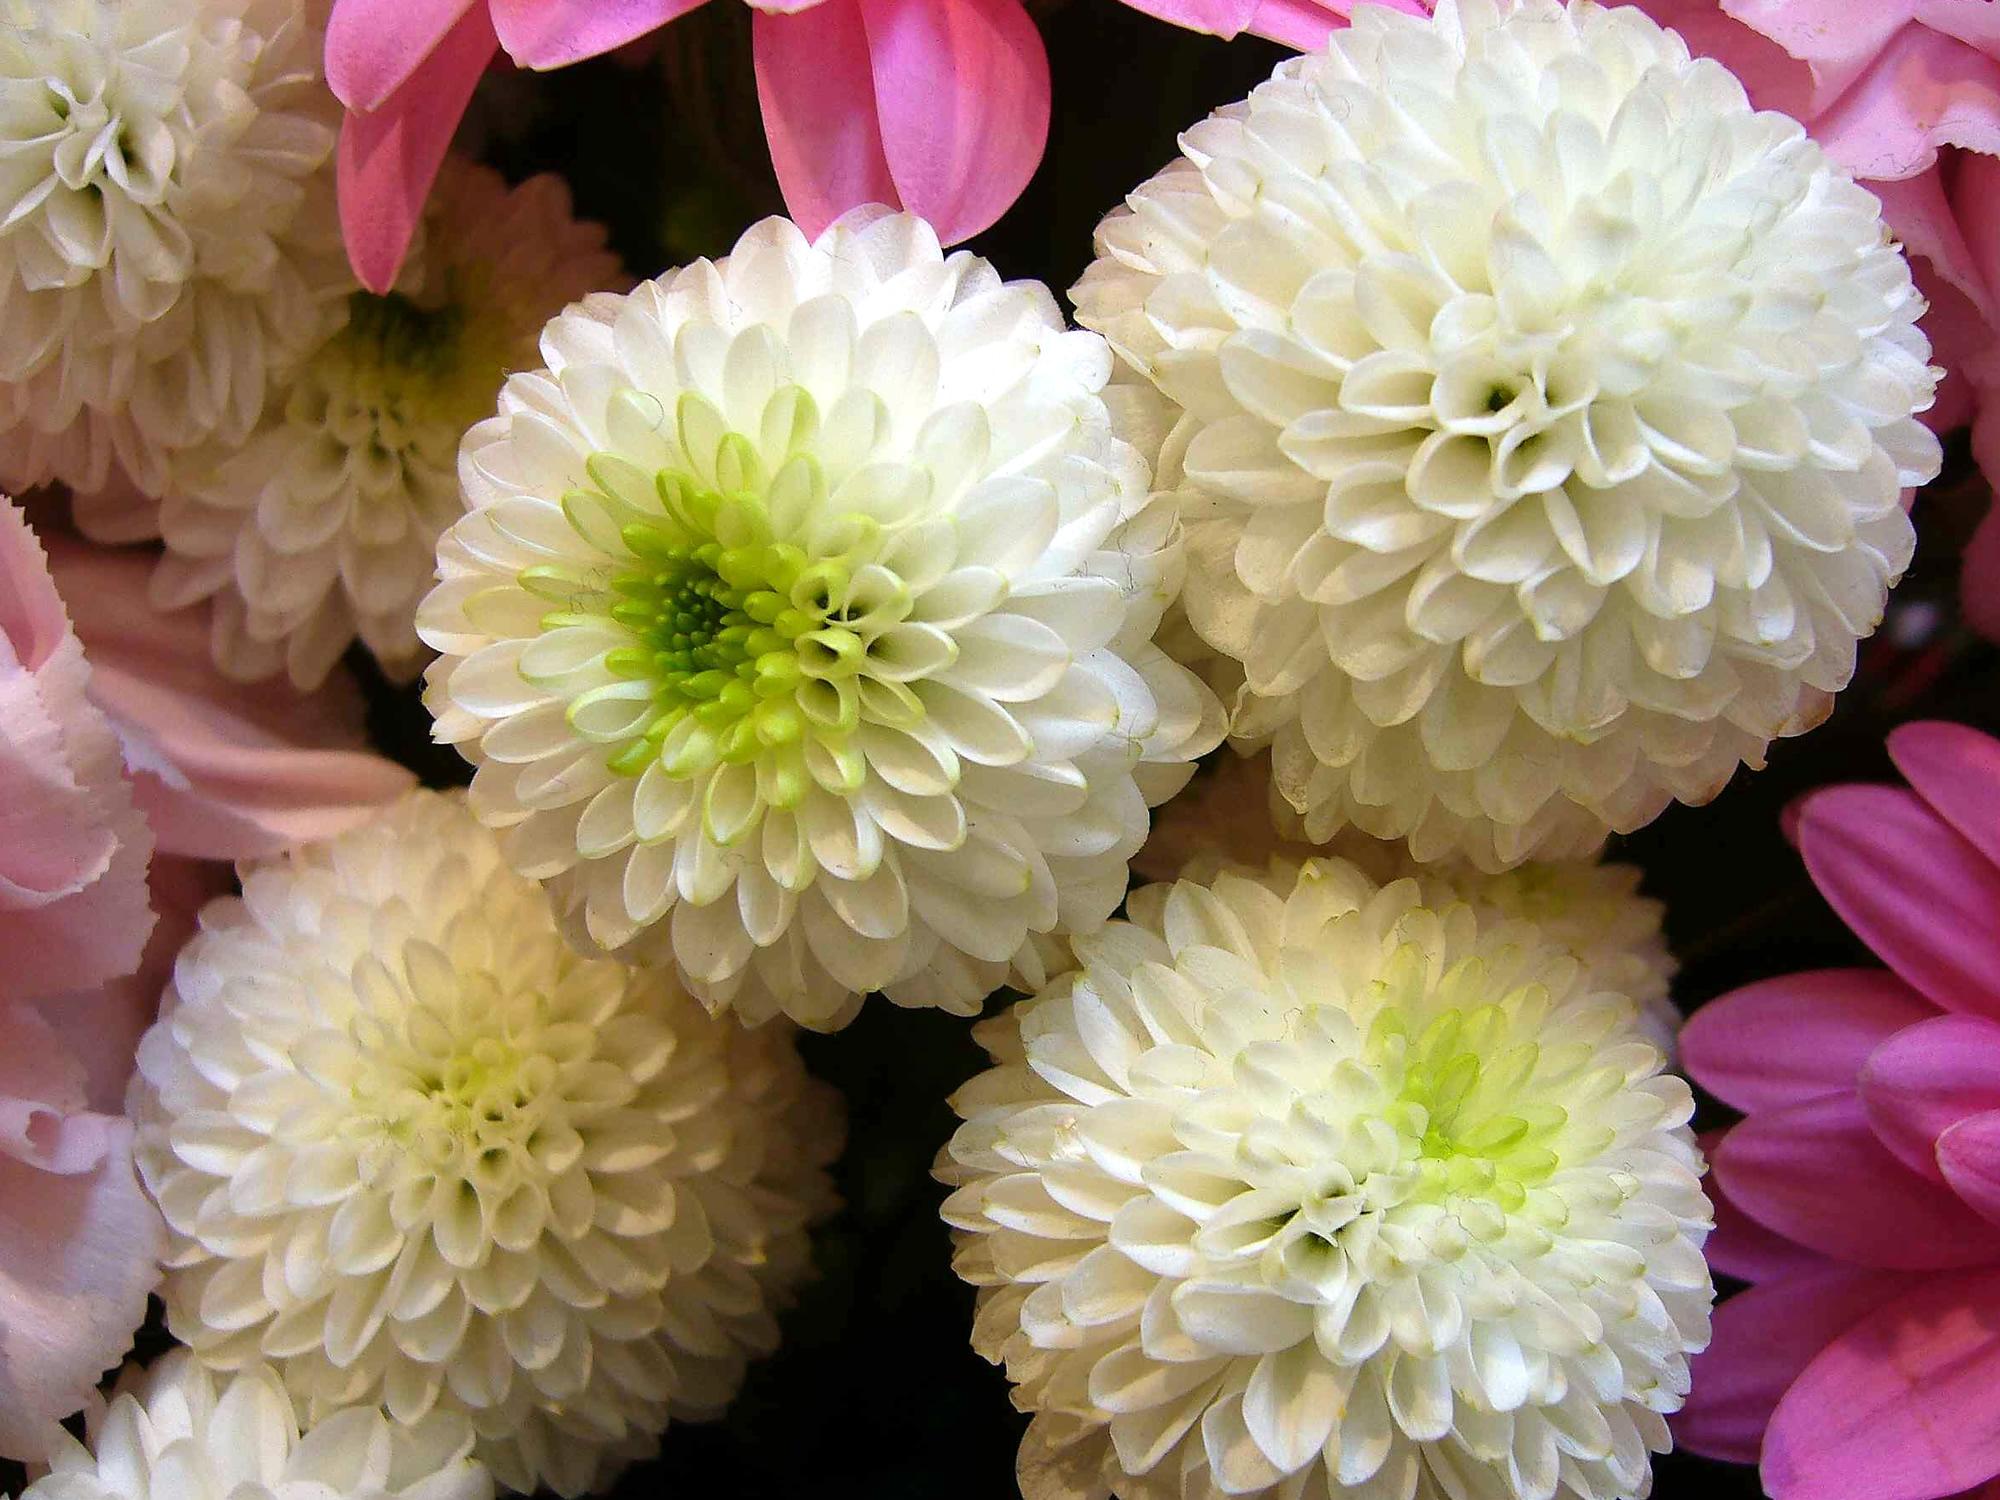 【京都結婚式準備】花嫁和装にぴったりのお花は?~洋髪スタイル~